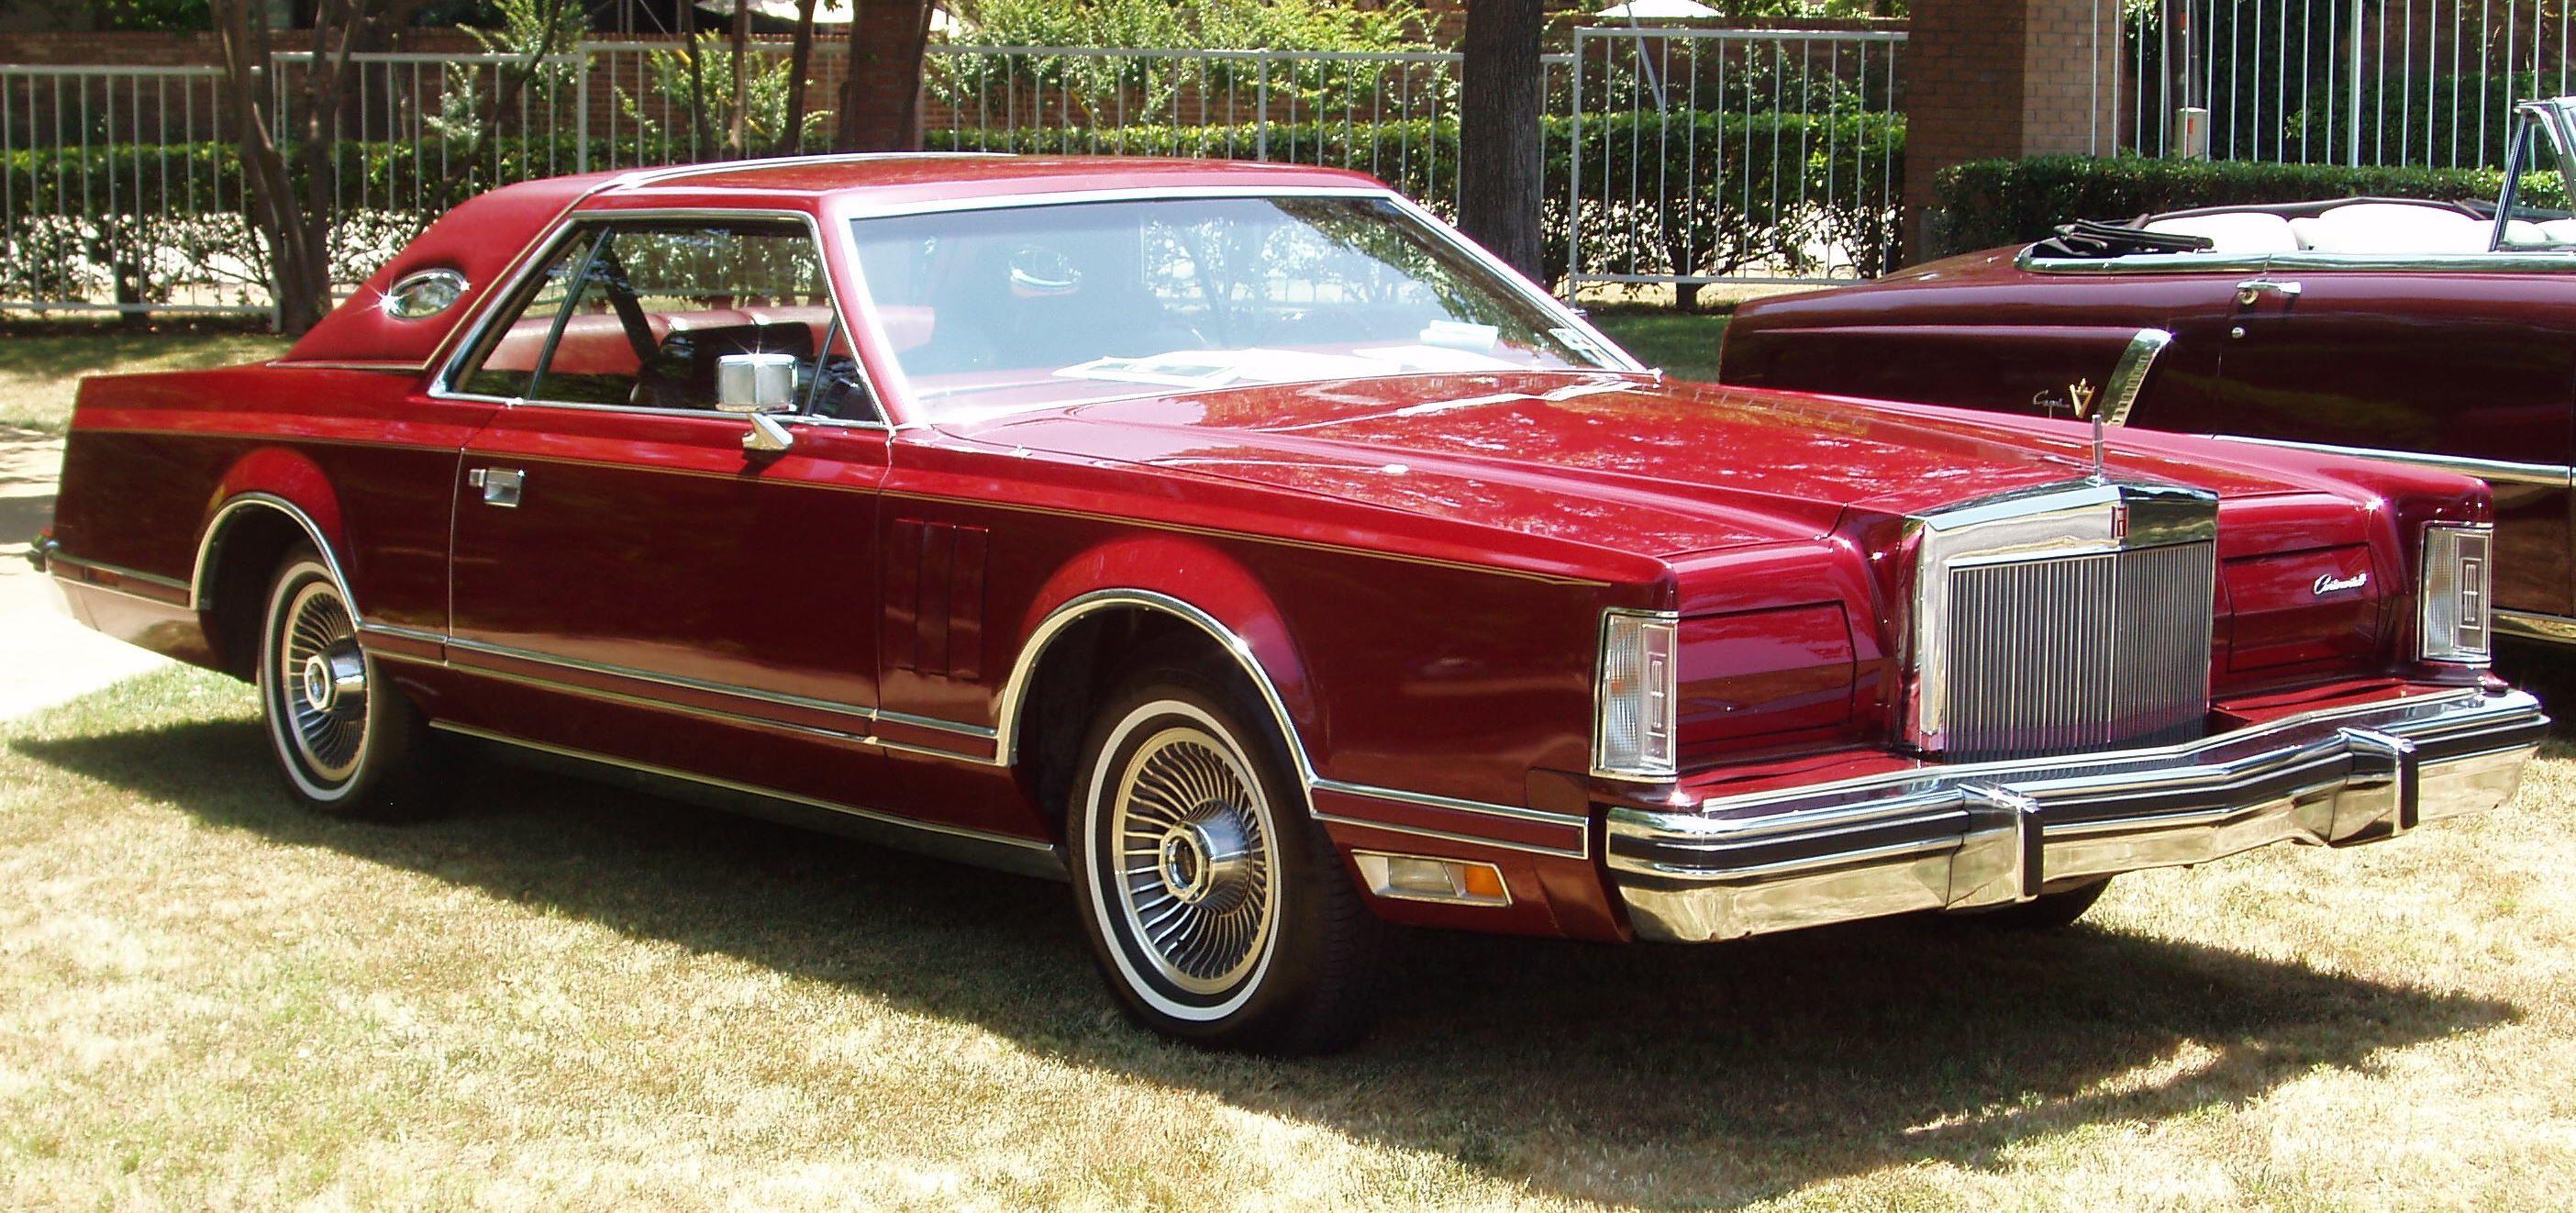 1977 Lincoln Continental Mark V Lincoln Continental American Auto Lincoln